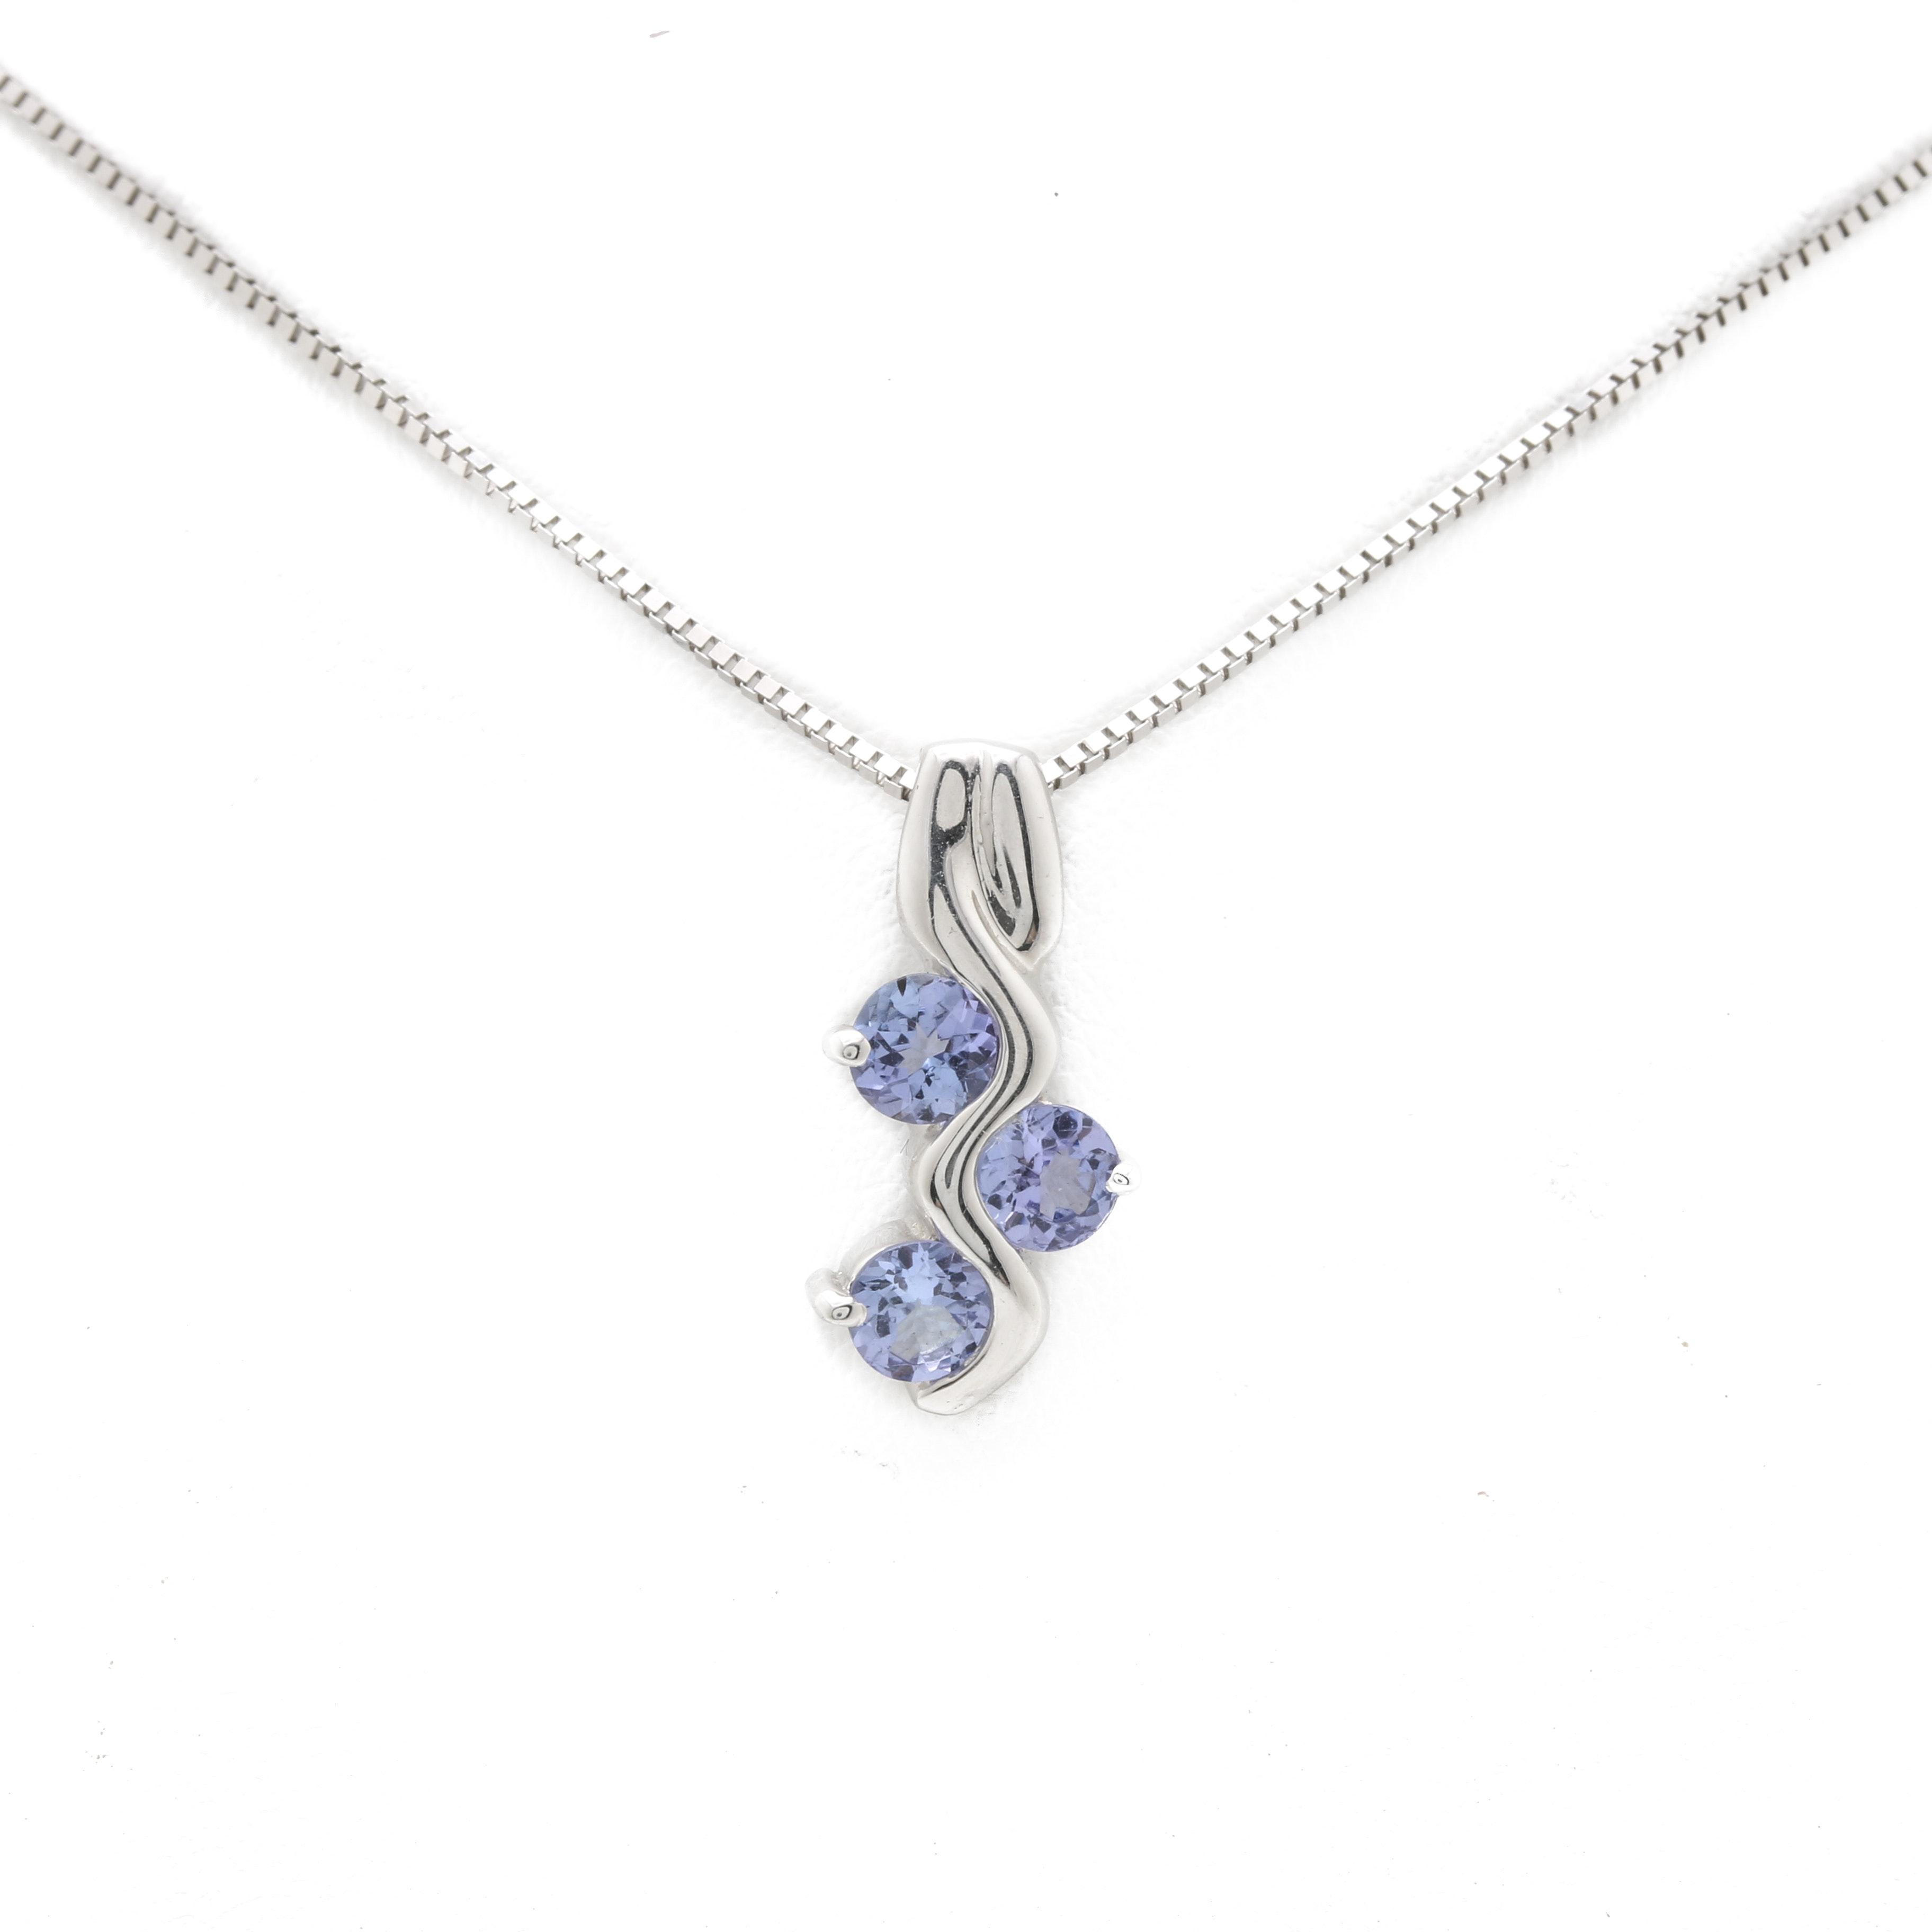 14K White Gold Tanzanite Pendant Necklace